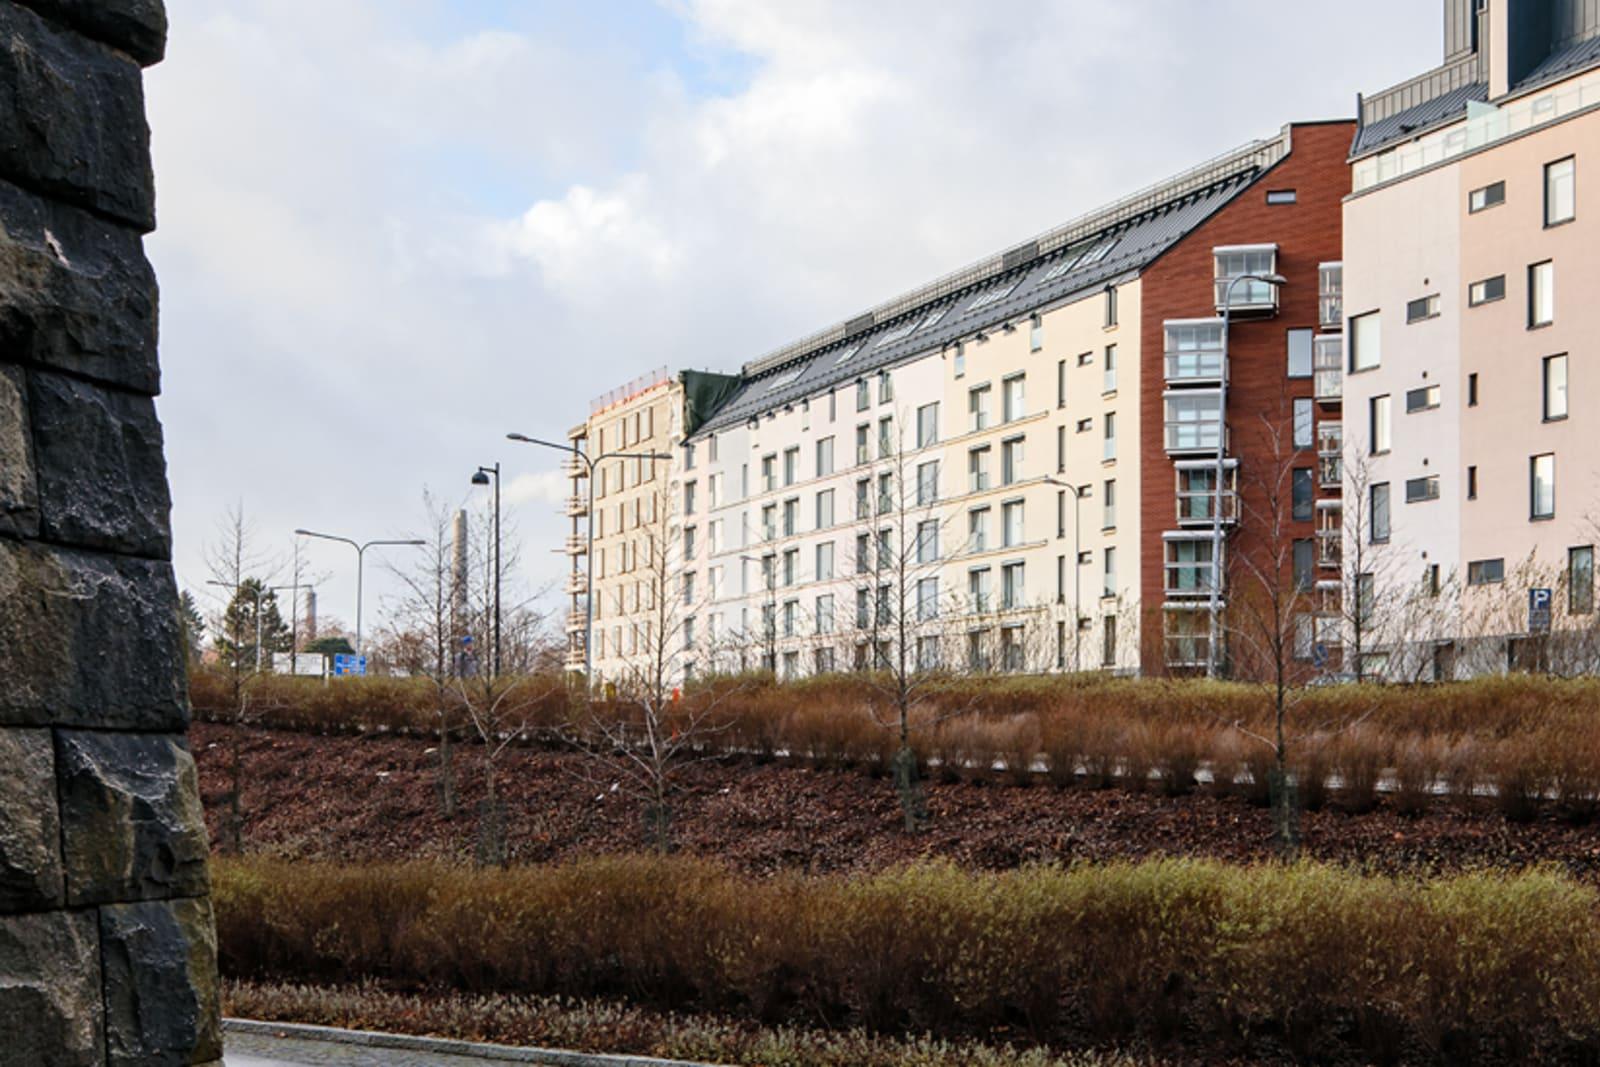 Helsinki, Etu-Töölö, Pohjoinen Rautatiekatu 33